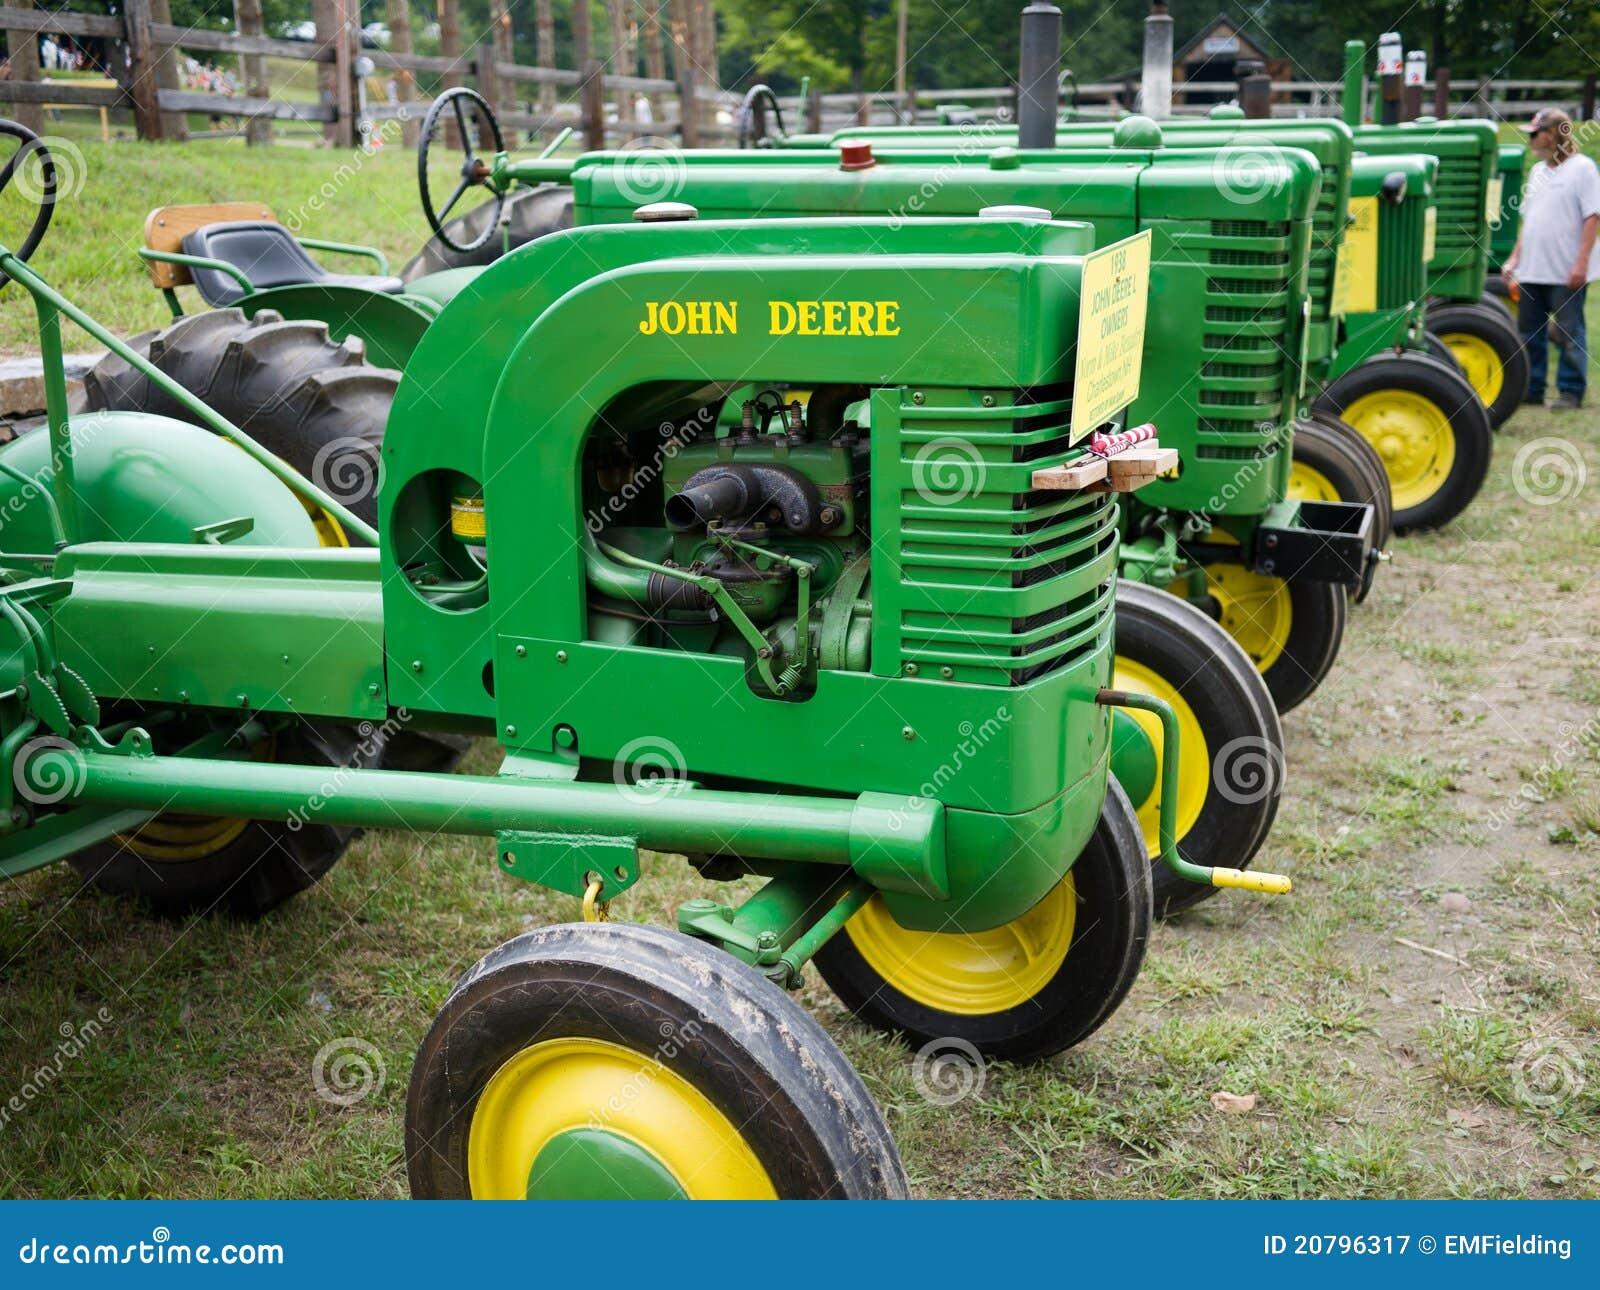 Old John Deere Tractors : Vintage john deere antique tractors editorial photography